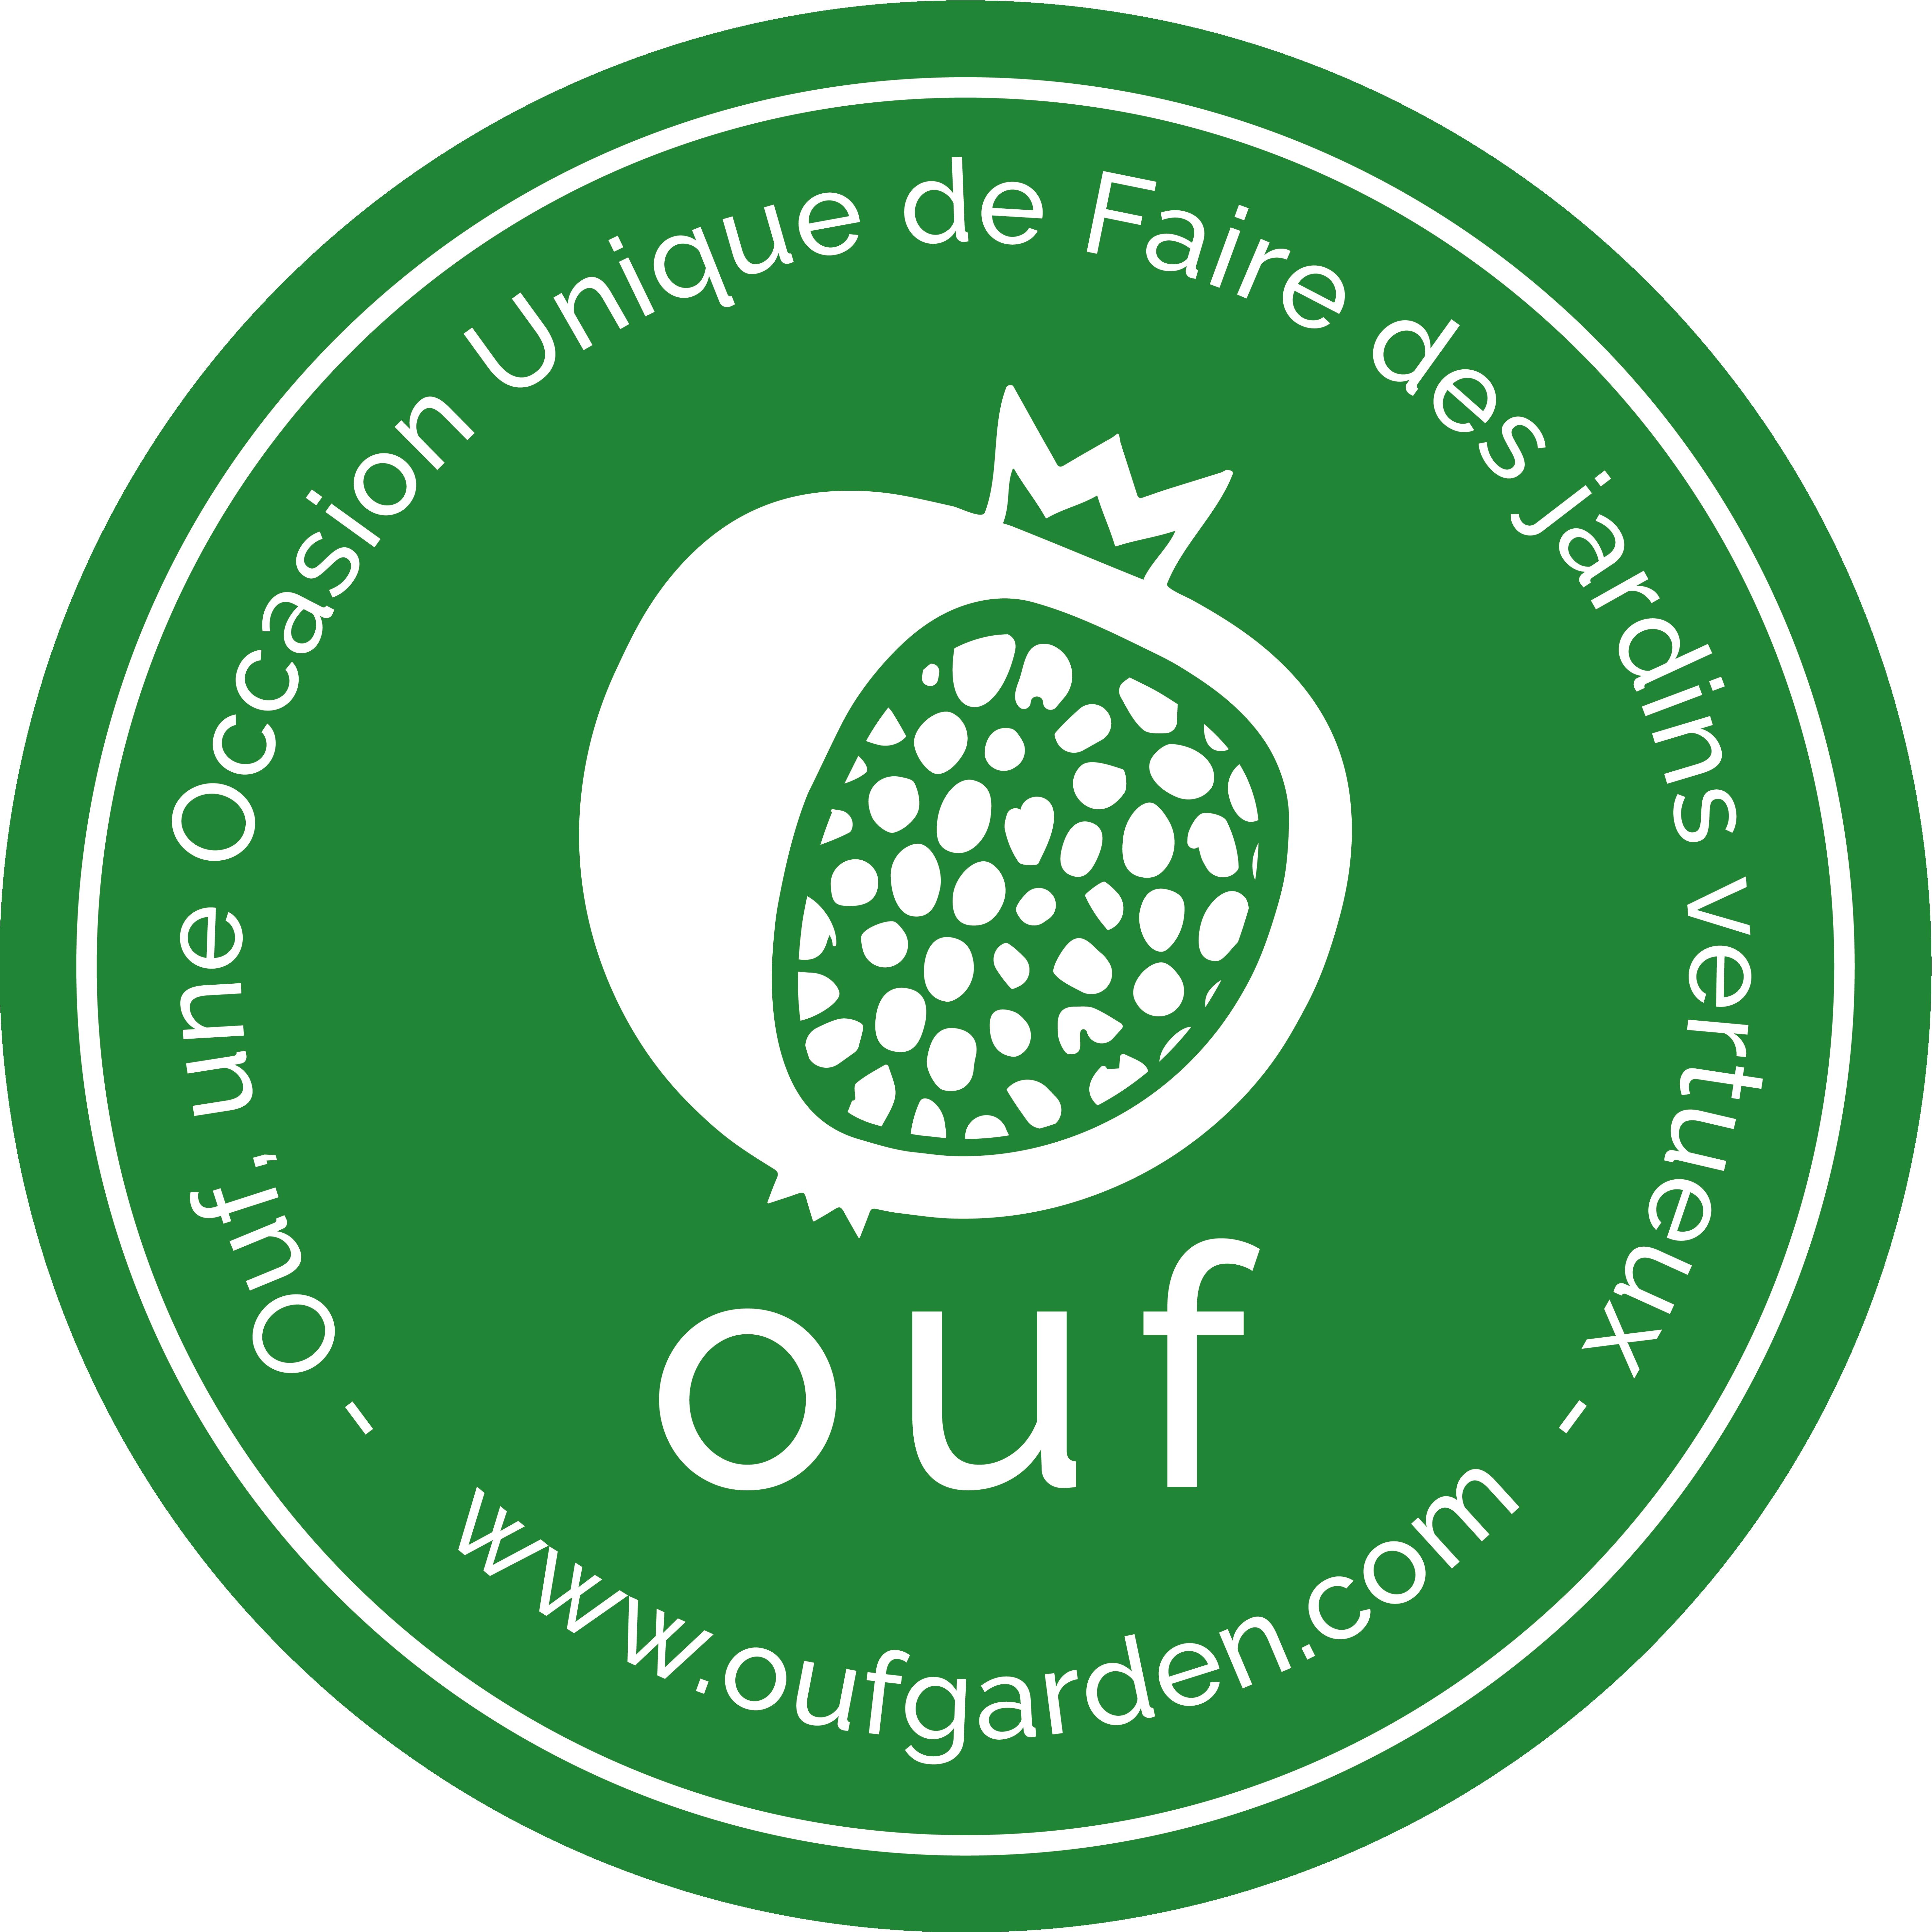 Association OUF